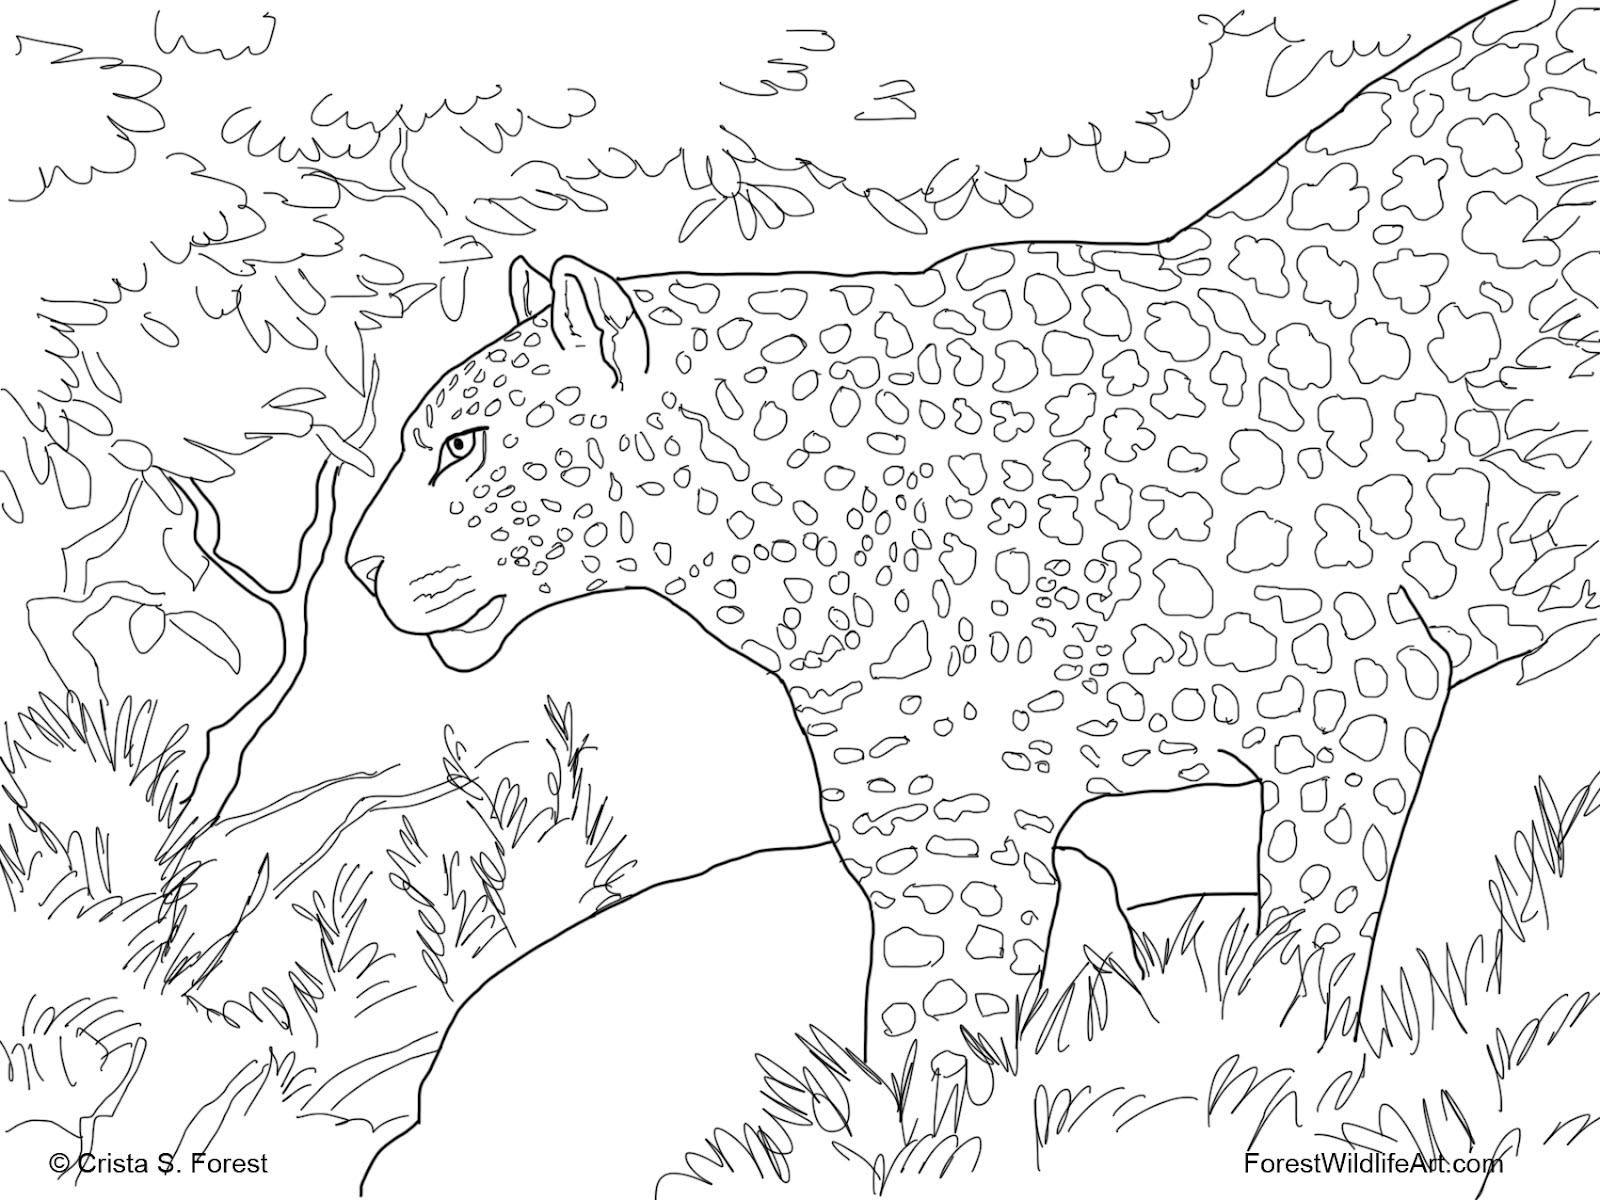 Crista Forest's Animals & Art: 9/1/12 - 10/1/12